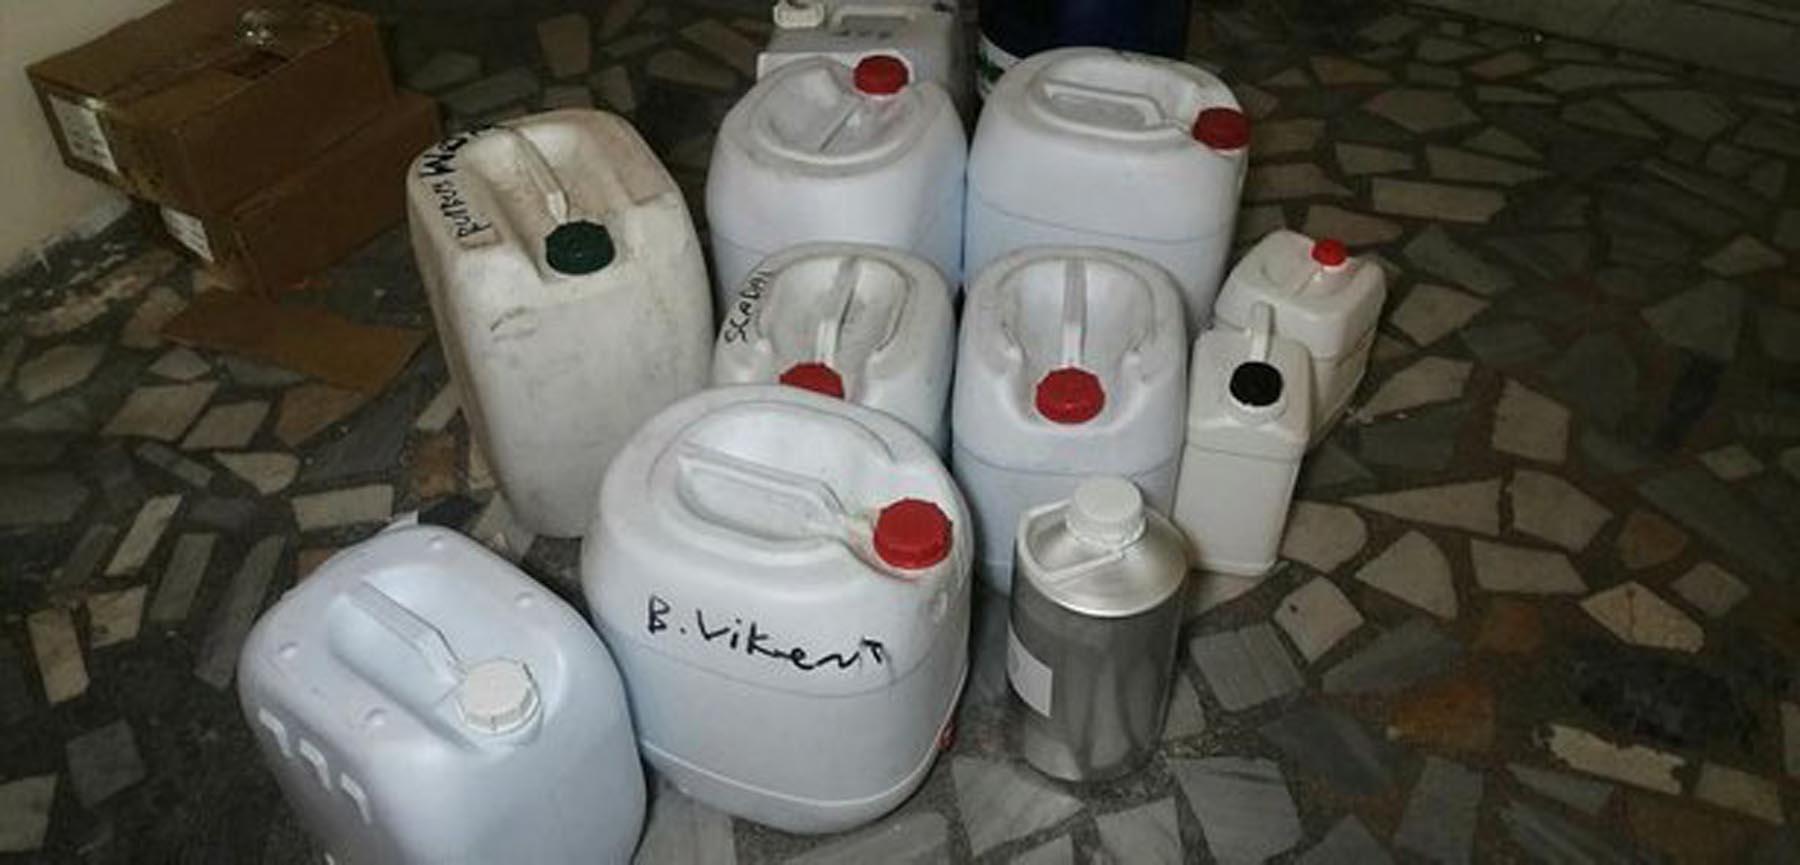 Bağcılar'da sahte parfüm baskını, 20 bin şişe parfüm ele geçirildi